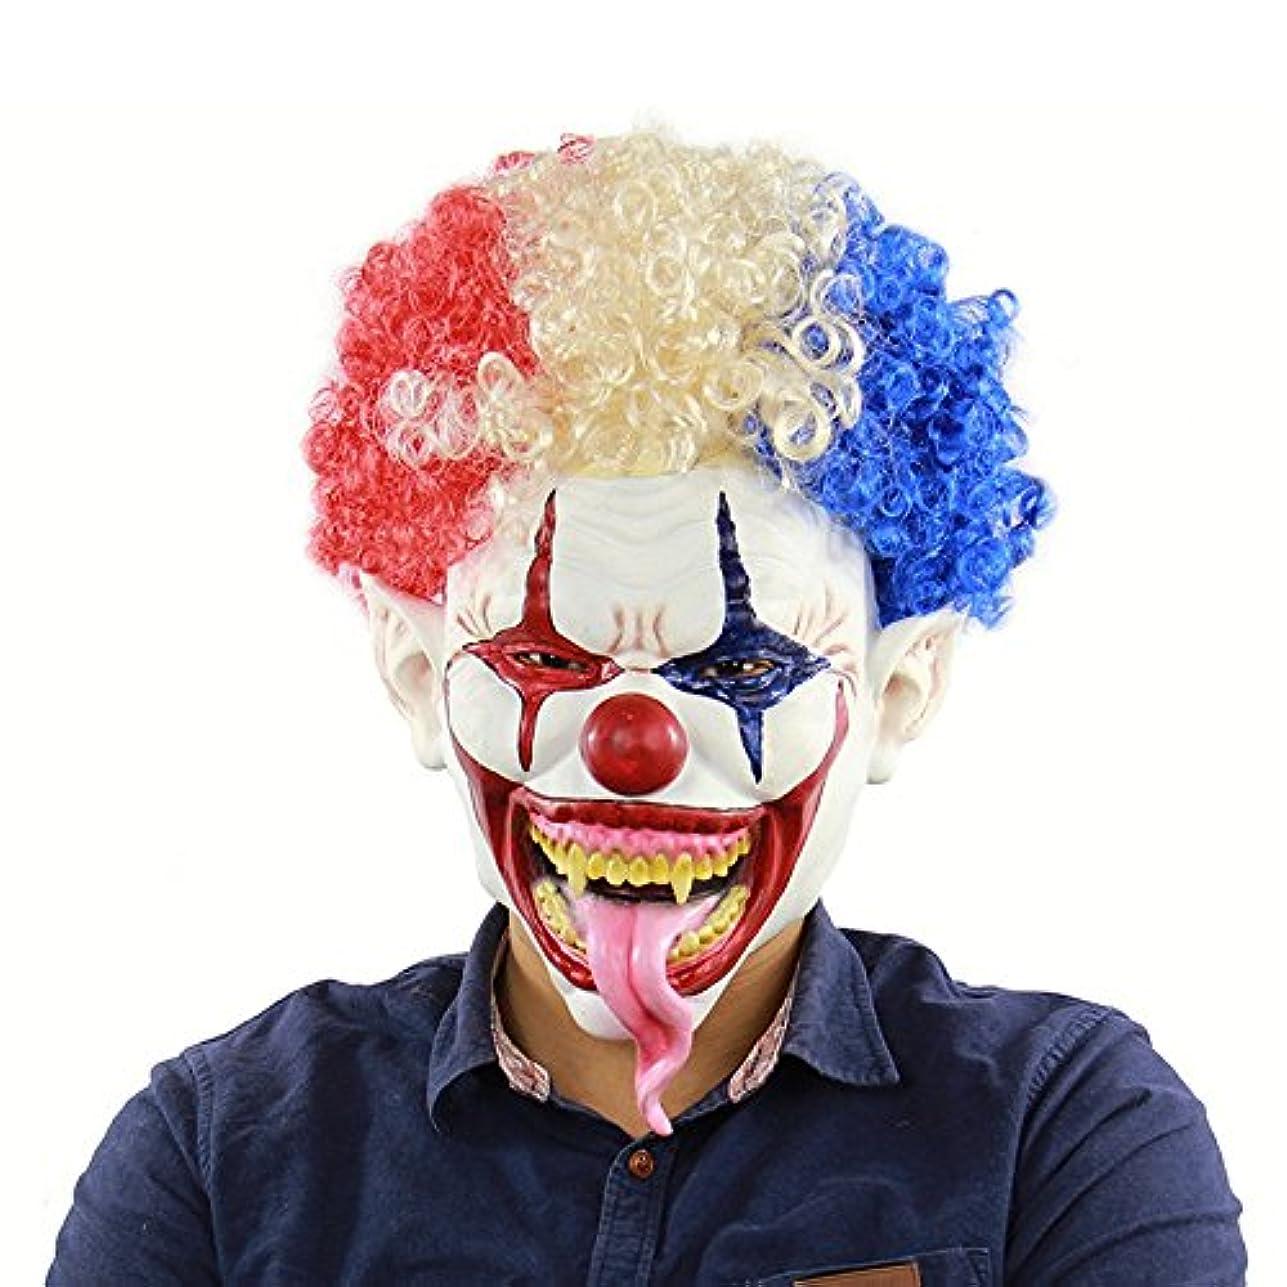 メディック出発する認知爆発的なヘッド大きな口長い舌ピエロマスクハロウィンアマゾン外国為替ラテックスホラーヘッドカバー